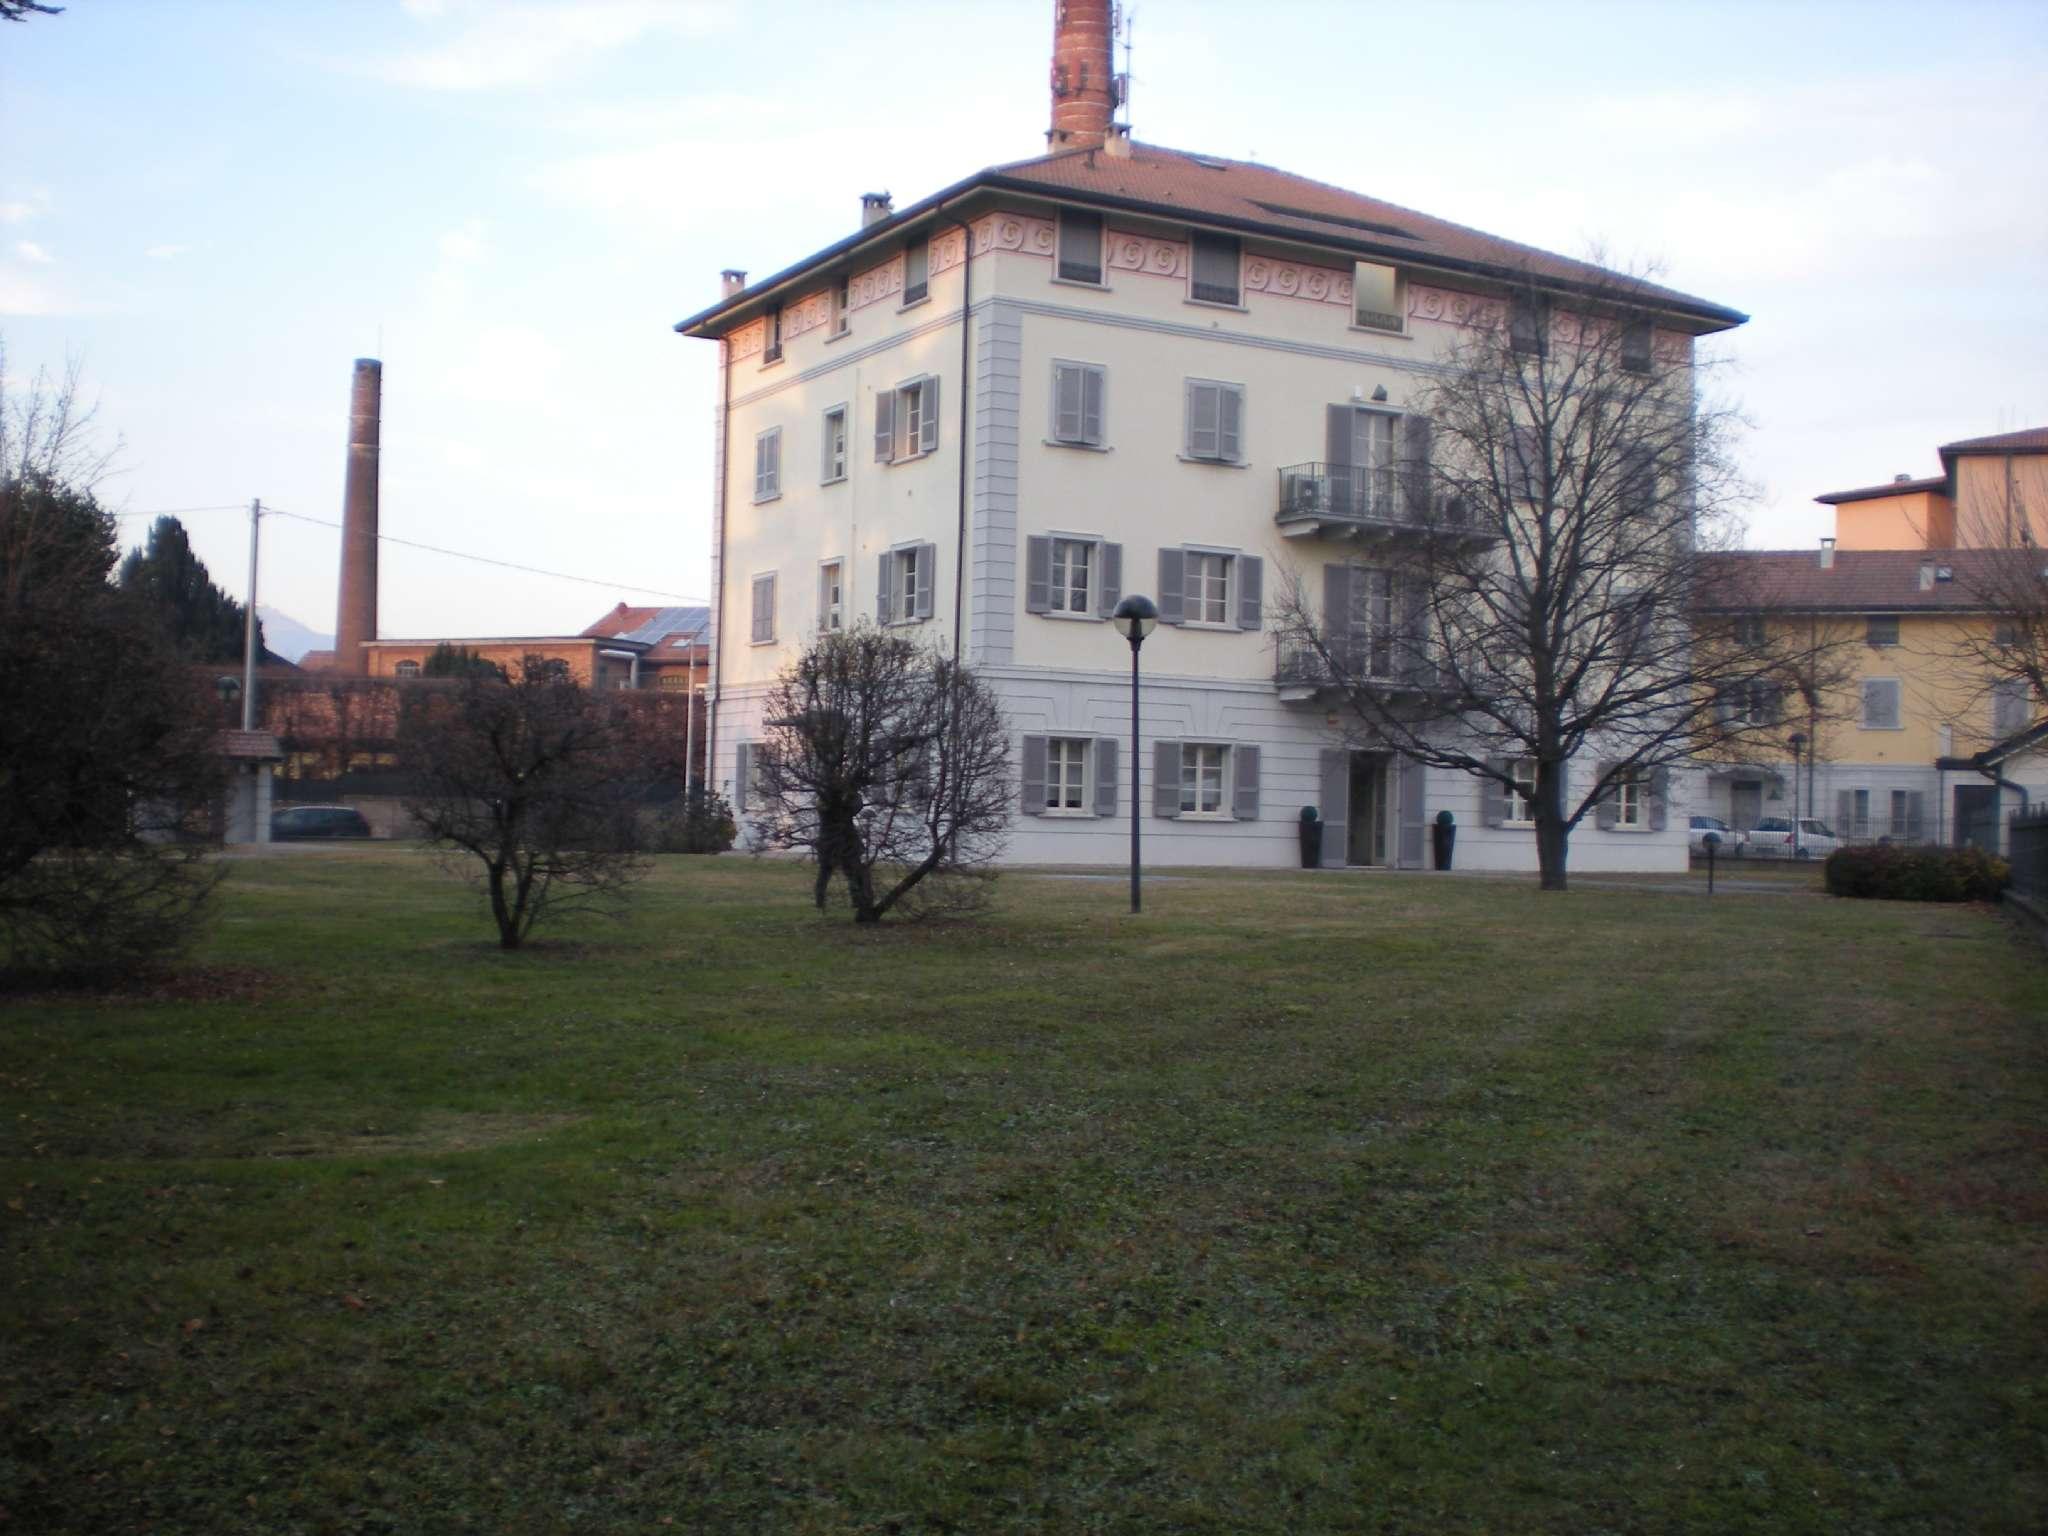 Appartamento in vendita a Cernusco Lombardone, 4 locali, prezzo € 219.000 | CambioCasa.it